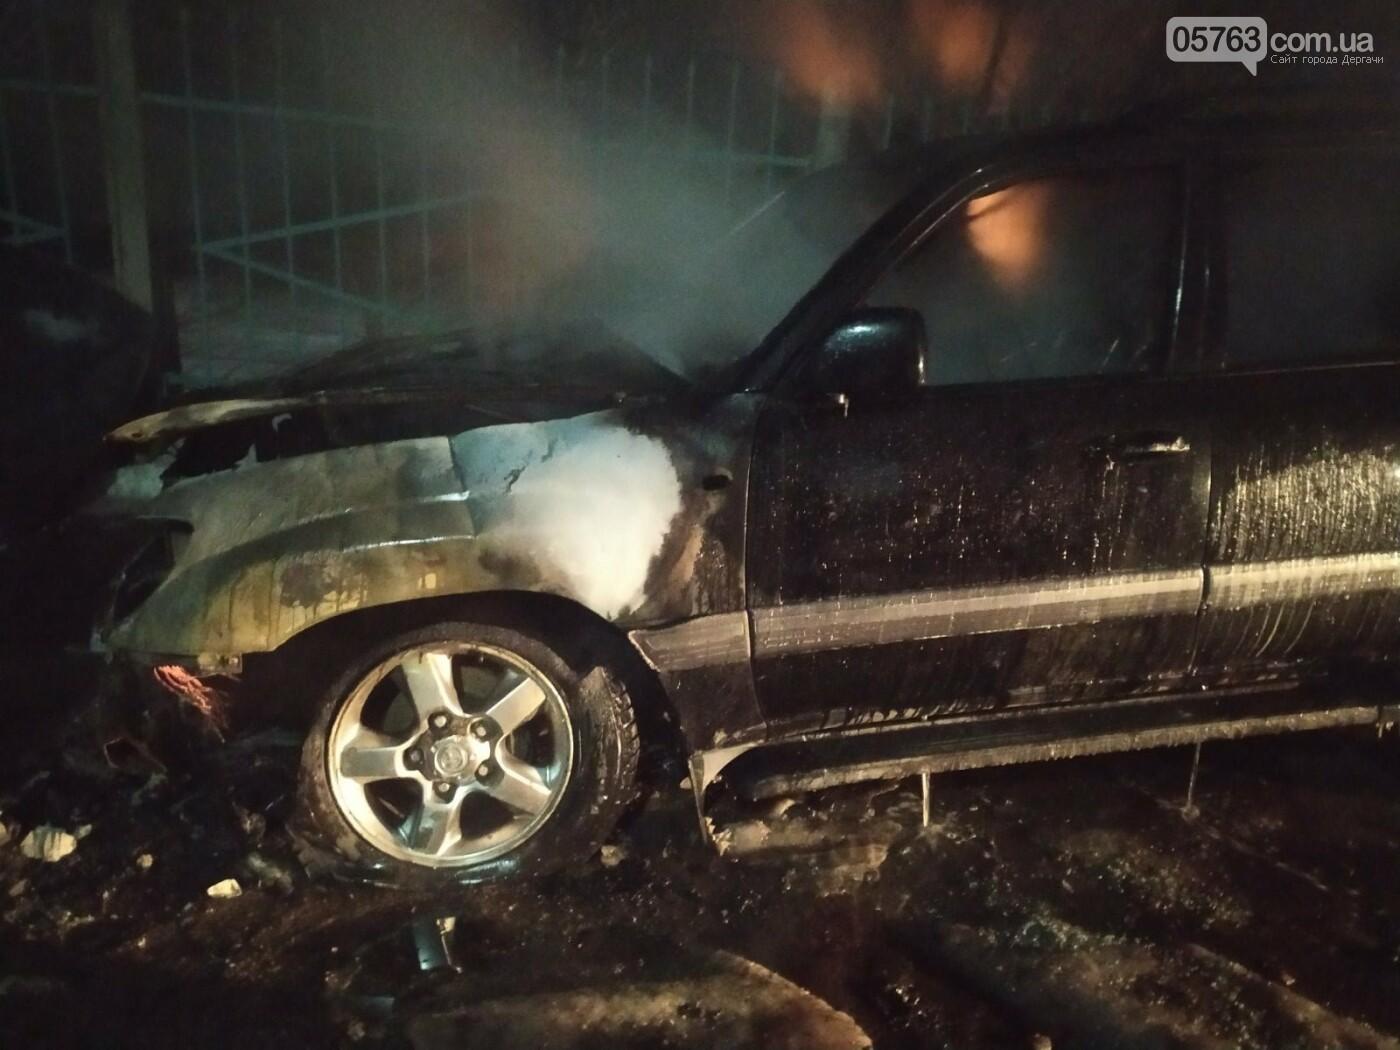 У Малій Данилівці рятувальники ліквідували пожежу позашляховика, фото-3